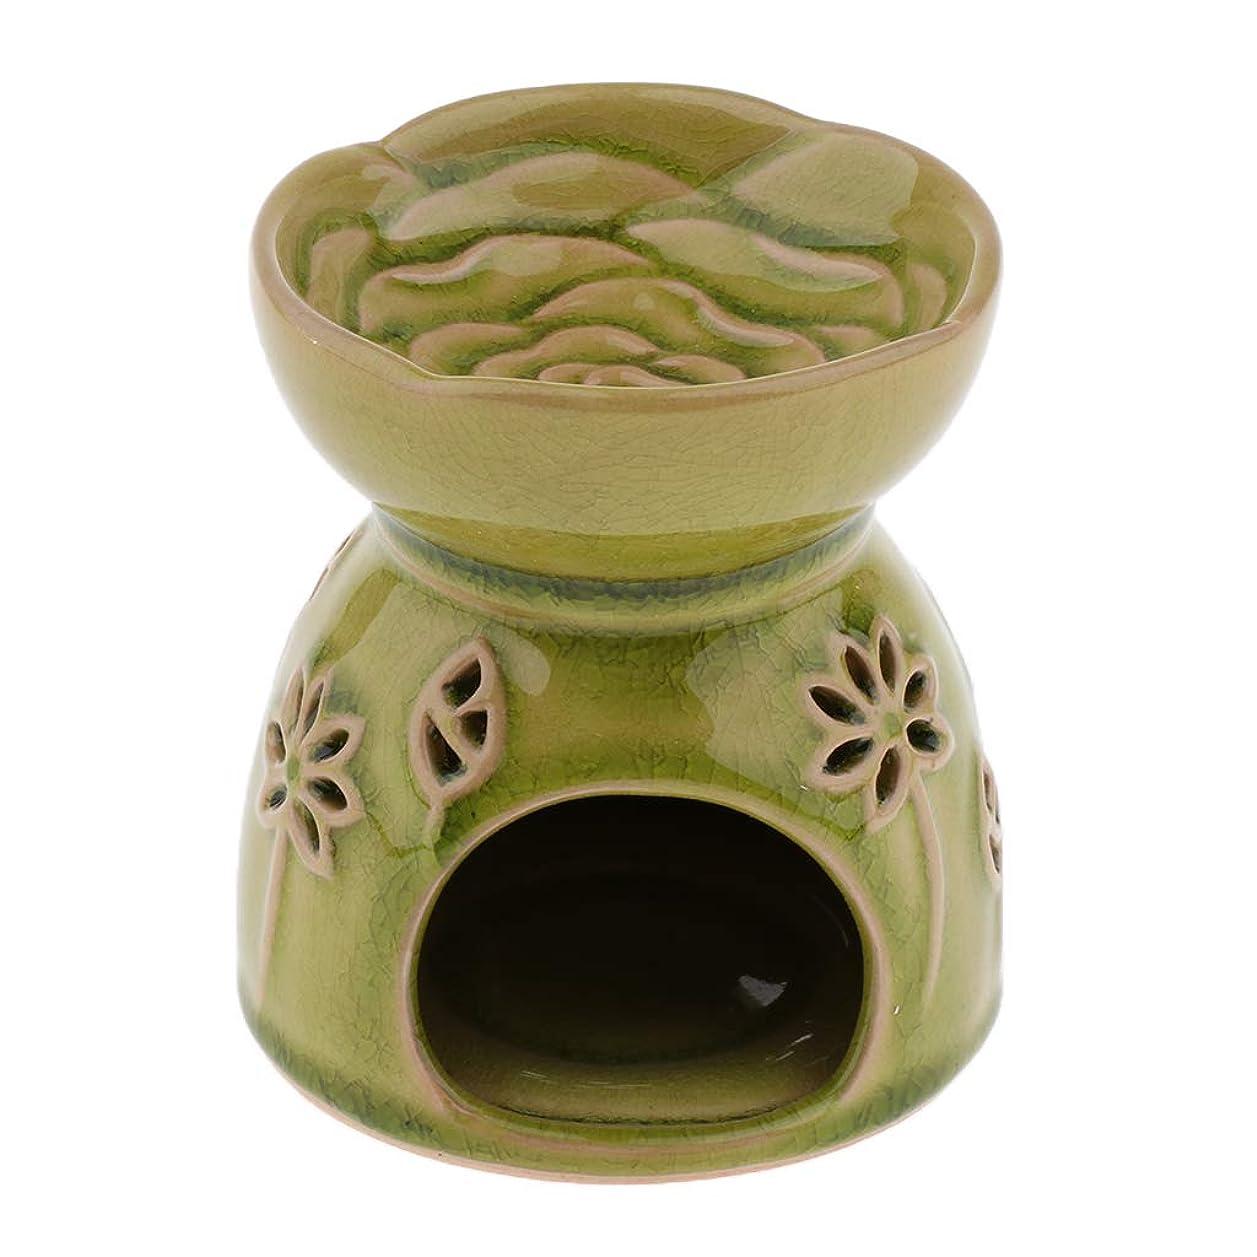 アレルギー性によって真夜中D DOLITY アロマディフューザー エッセンシャルオイルディフューザー セラミック 装飾 贈り物 全2色 - 緑